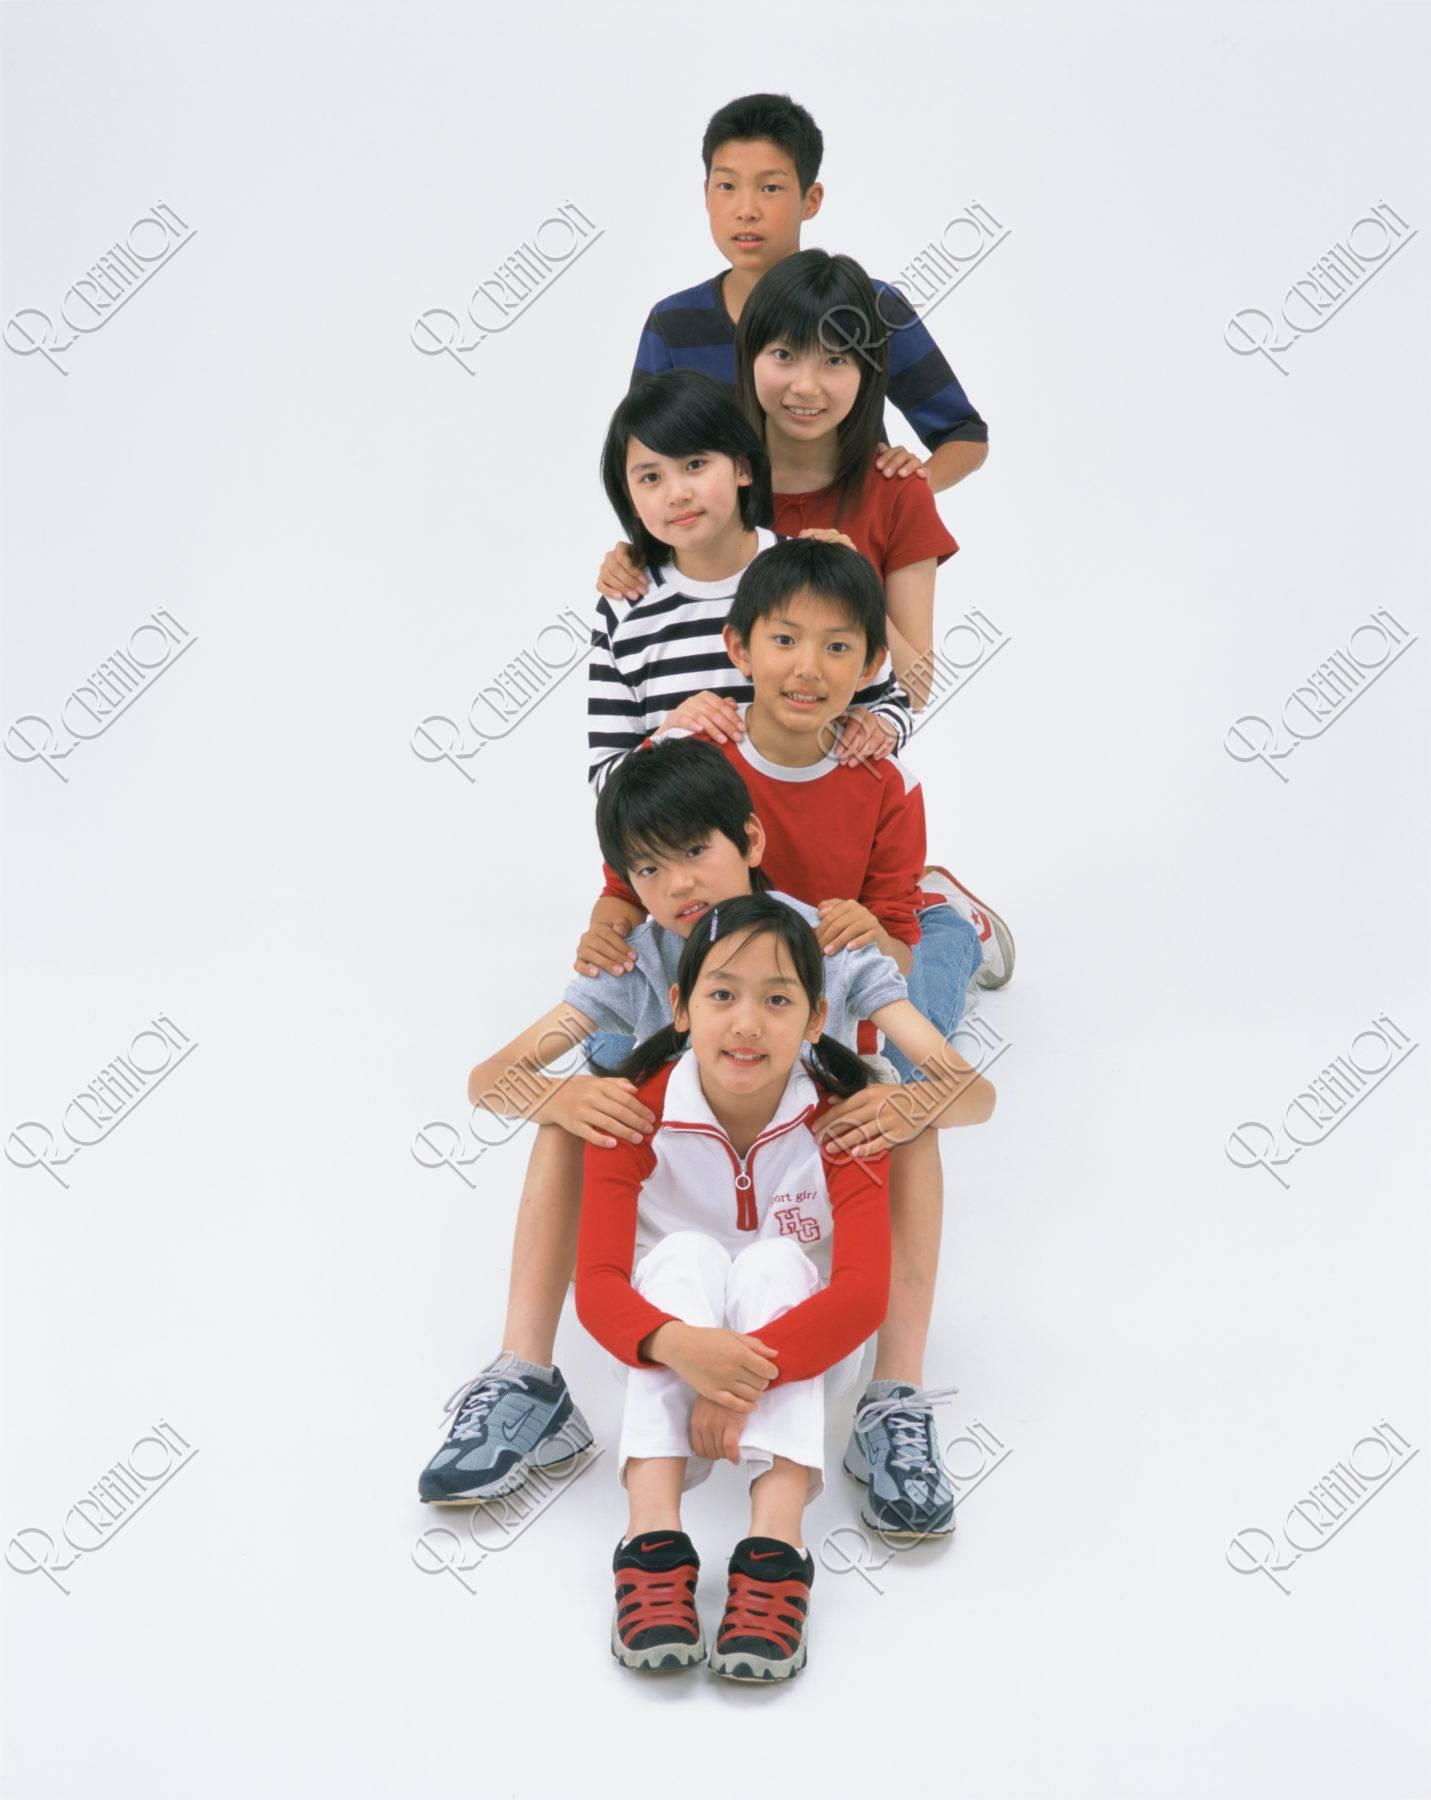 縦に並ぶ子供達